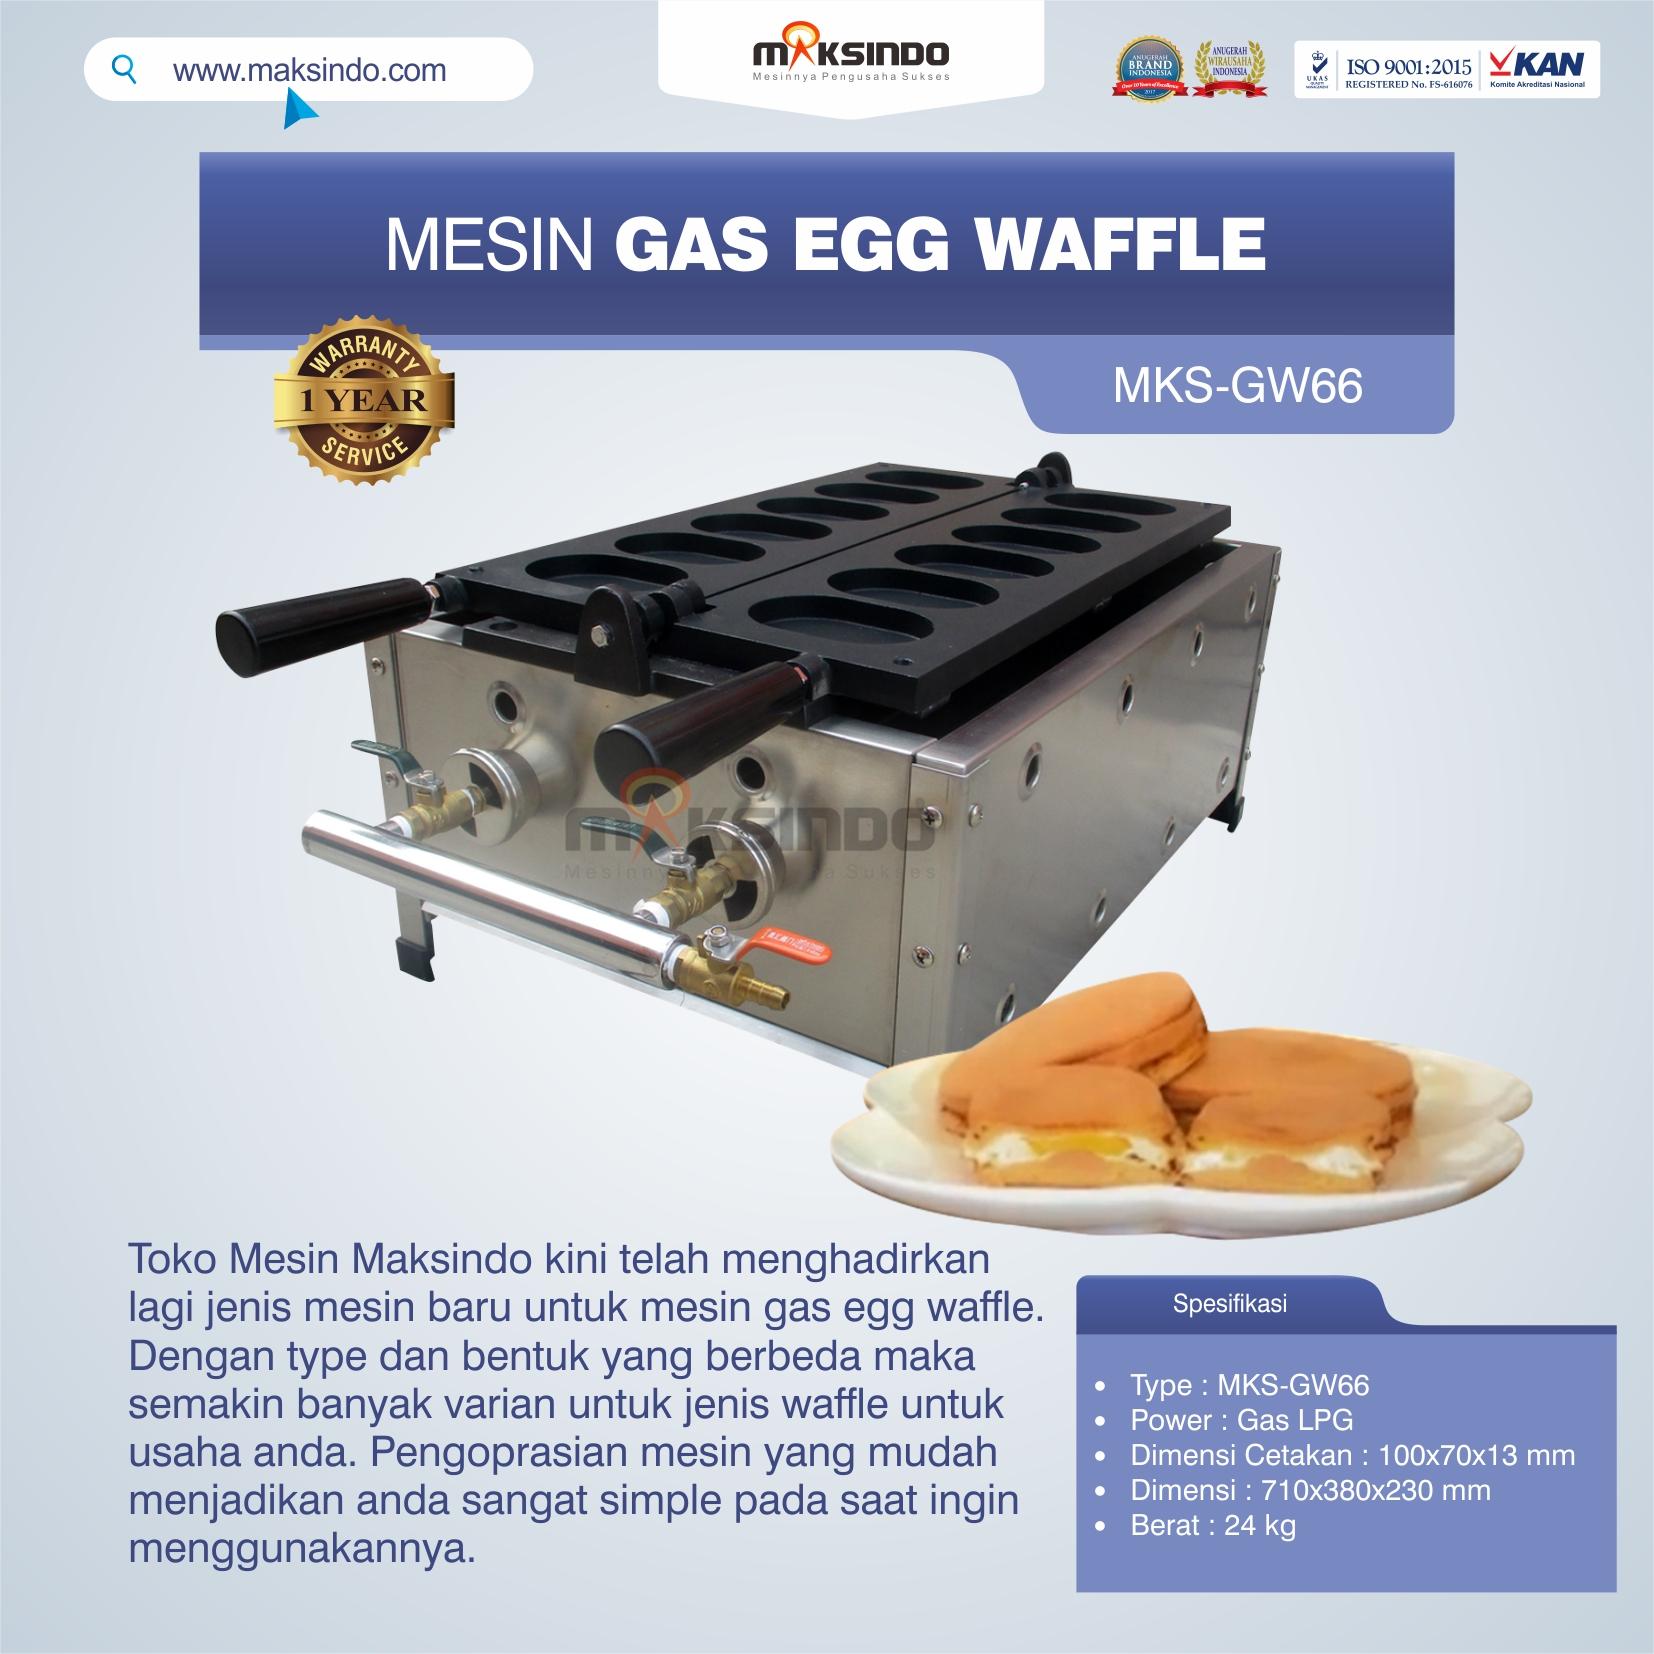 Jual Mesin Gas Egg Waffle MKS-GW66 di Yogyakarta